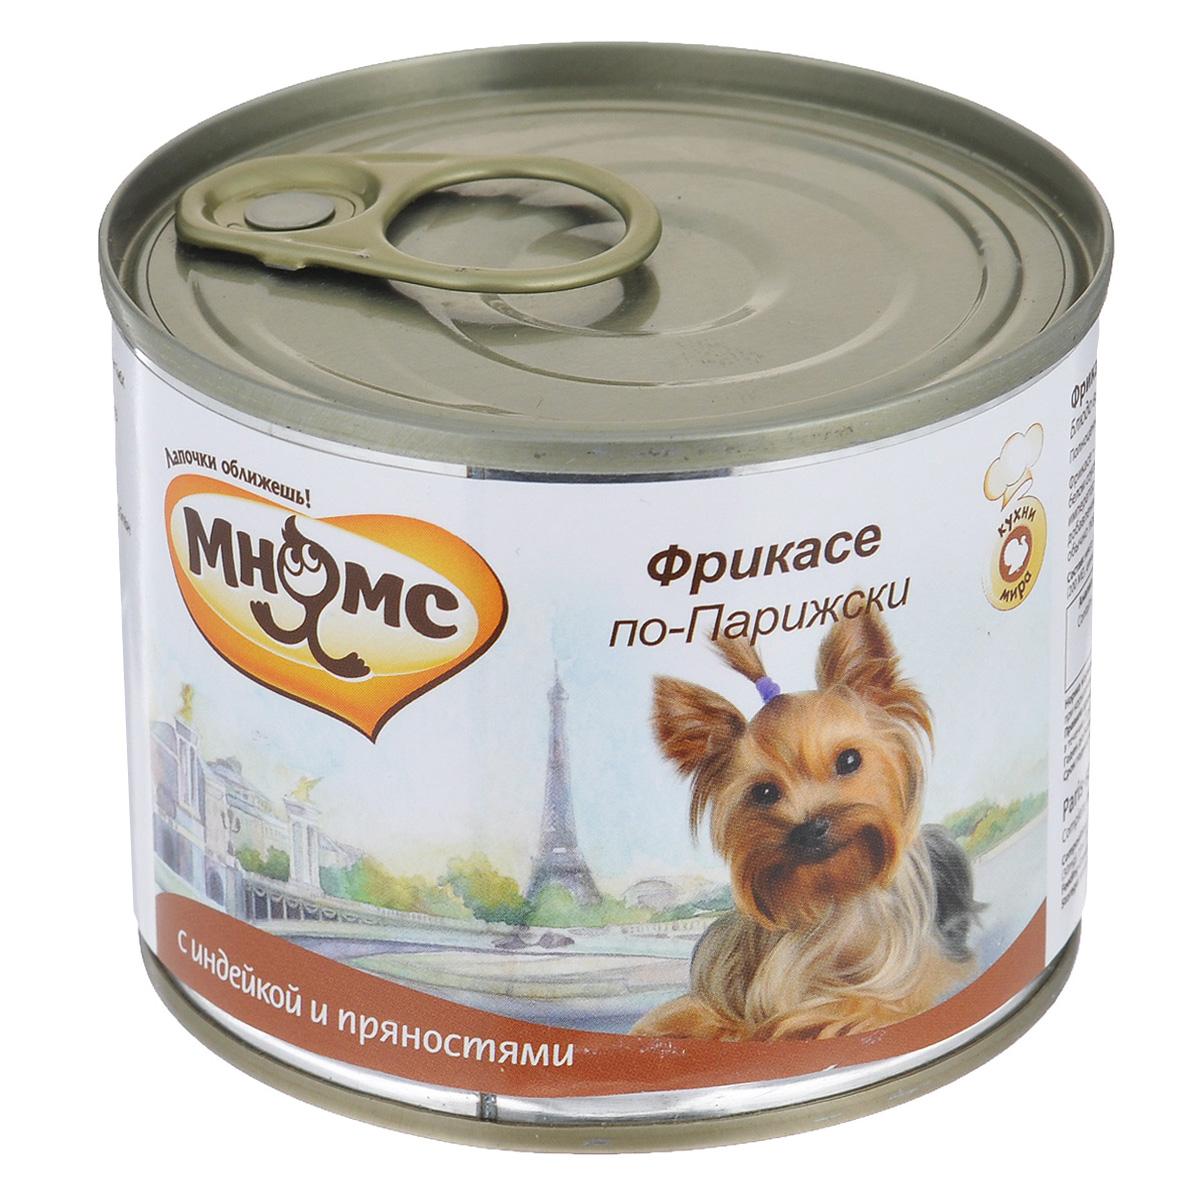 Консервы для собак Мнямс Фрикасе по-Парижски, с индейкой и пряностями, 200 г101246Консервы для собак Мнямс Фрикасе по-Парижски - это полноценный консервированный корм для собак. Фрикасе - французское блюдо, которое готовят из любого мяса: телятины, курятины, крольчатины или свинины сдобавлением белого соуса. Однако, для приготовления Фрикасе по-Парижски традиционно используют индейку -именно такой вариант, по легенде, предпочитал император Наполеон, а за ним и вся парижская знать временпервой империи. Индейку жарят на сковородке в масле. Соус из белого вина готовят отдельно. Его долго тушат сдобавлением зеленого горошка, спаржи, каперсов и грибов, затем добавляют к индейке. Он придает блюдуманящий аромат. На гарнир обычно подают рассыпчатый рис, который подчеркивает пряный вкус нежнейшегомяса.Состав: мясо (68%, из них индейка 100%), грибы (2%), минералы, прованские травы (0,2%), льняное масло (0,1%),витамин Е (30 мг), витамин D3 (200 МЕ), цинк (15 мг), марганец (3 мг), йод (0,75 мг), селен (0,03 мг).Анализ: белок 10,8%, жир 6,4%, клетчатка 0,4%, зола 2,4%, влажность 79%.Вес: 200 г.Товар сертифицирован.